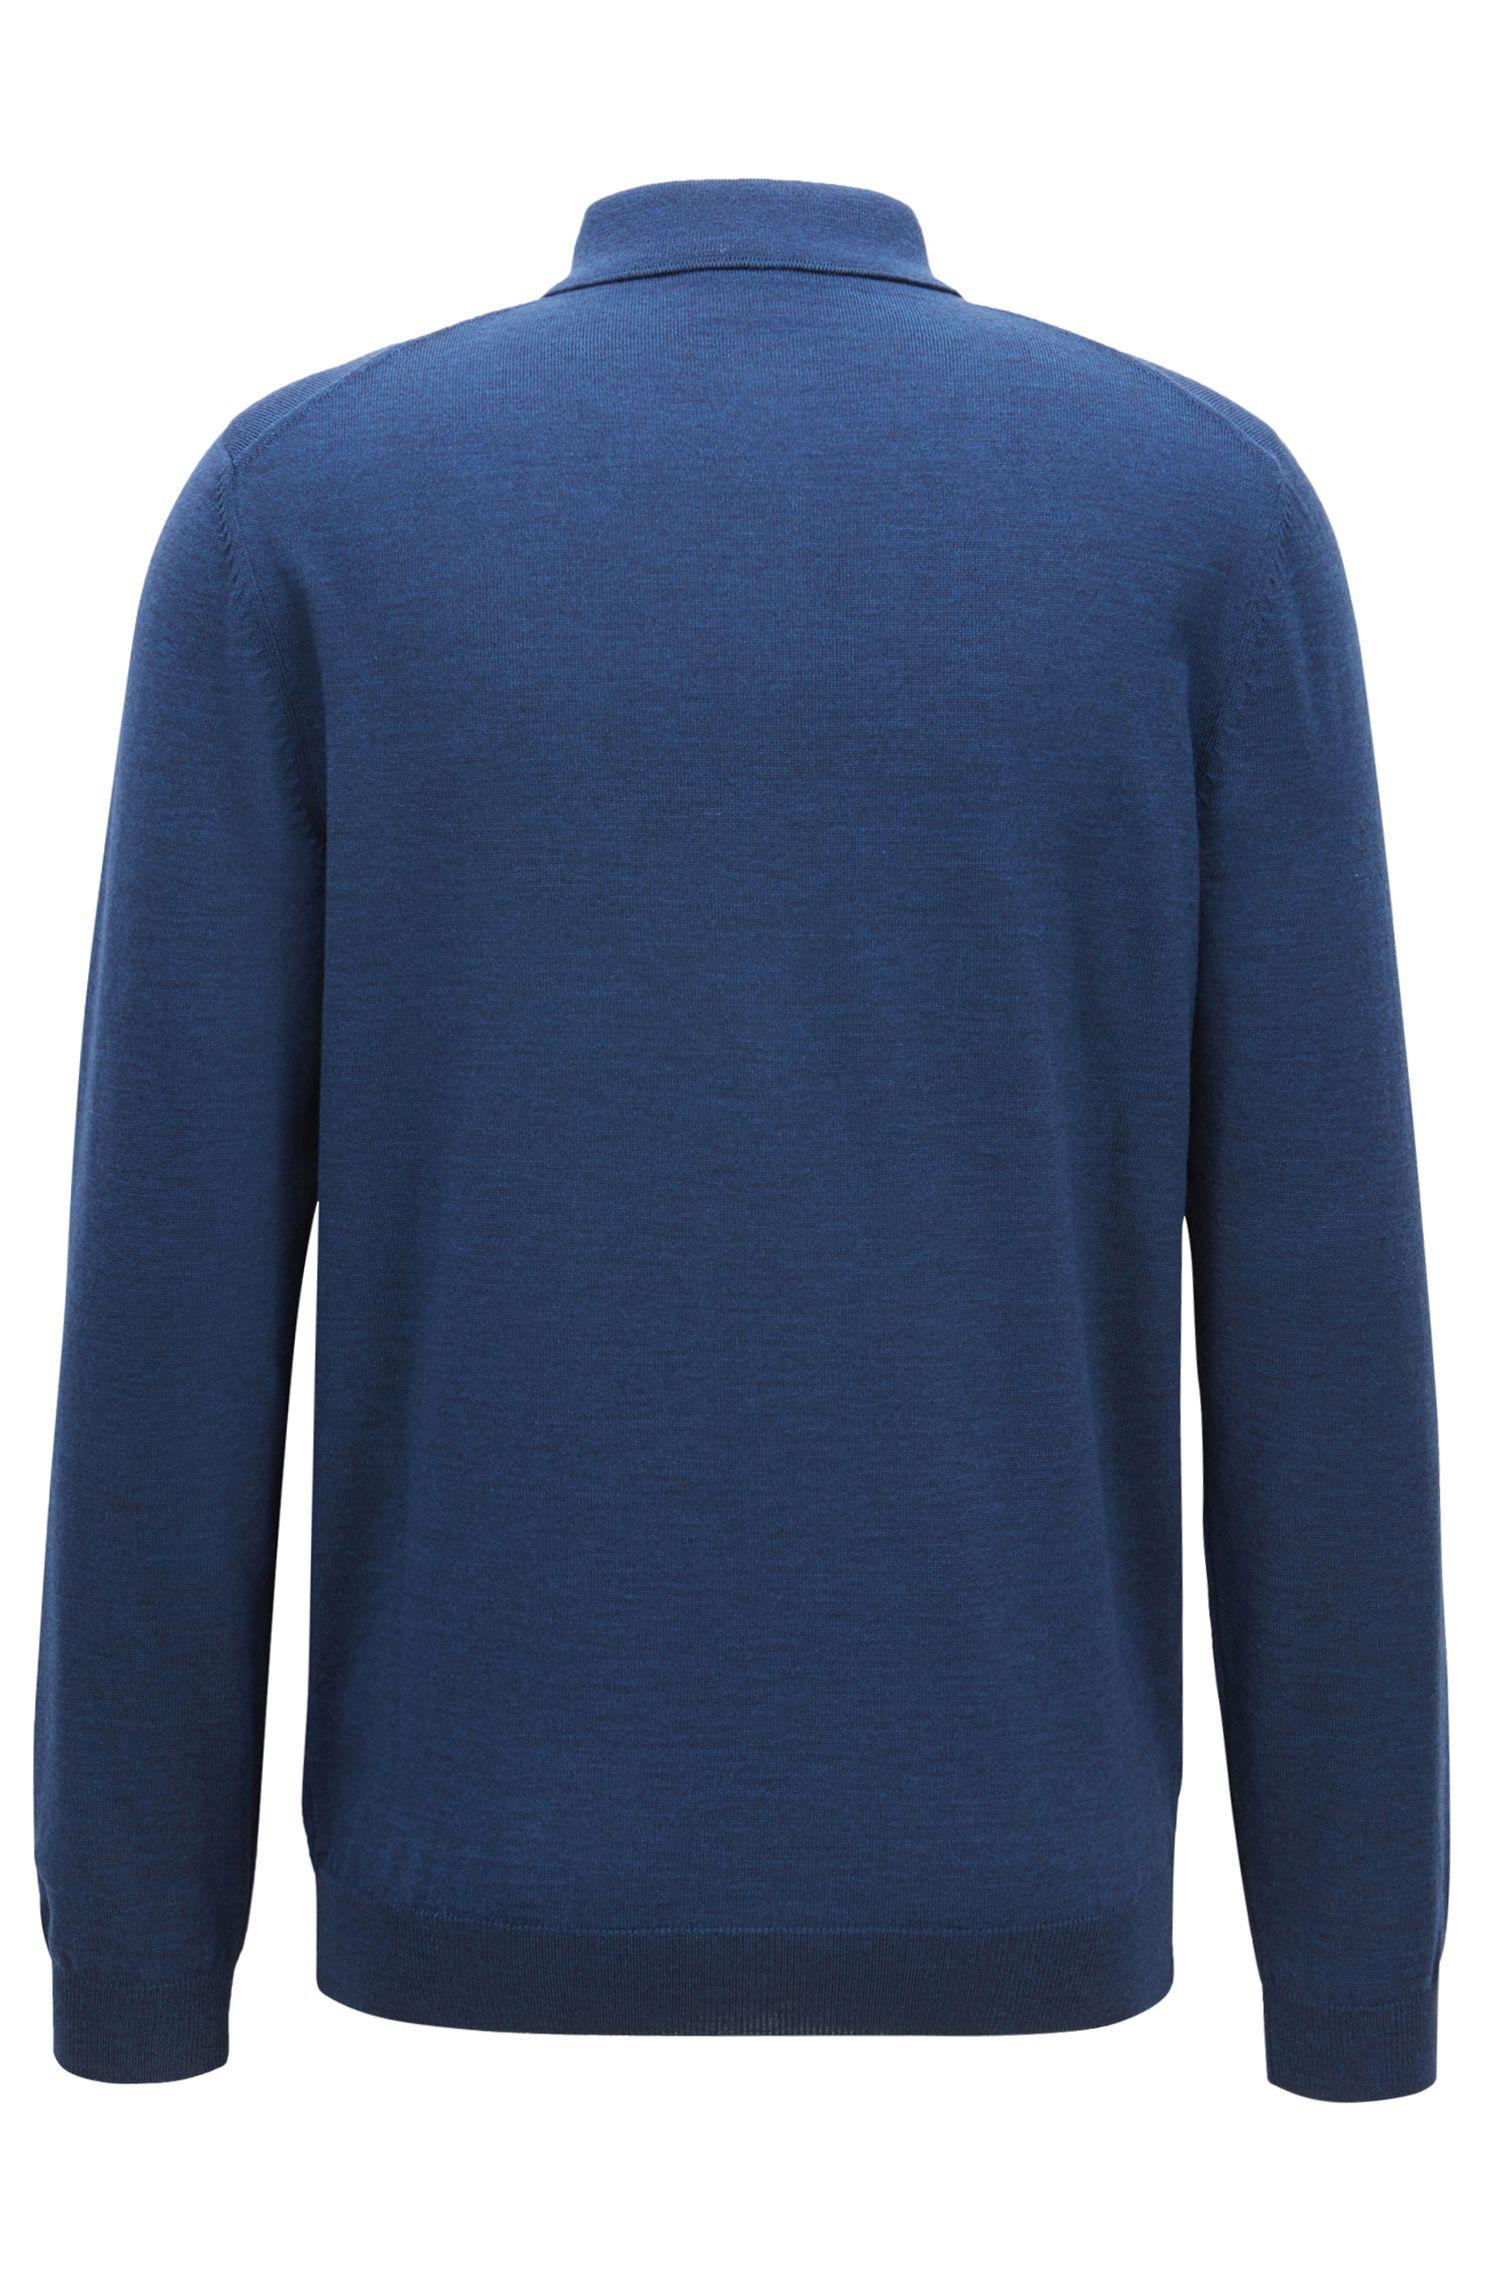 Pullover aus Schurwolle mit Polokragen